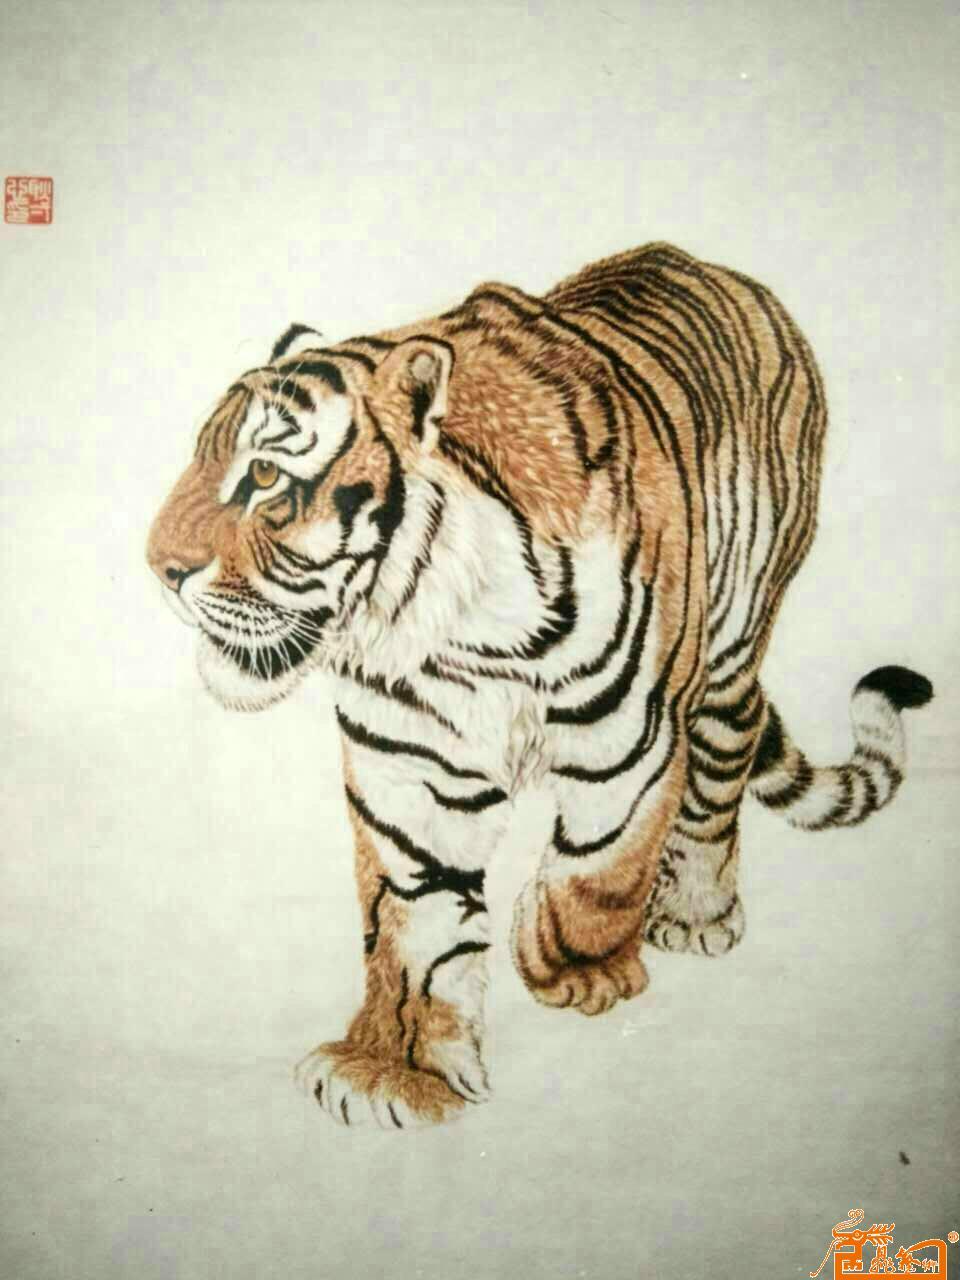 老虎3(已售)-耿一心-淘宝-名人字画-中国书画服务